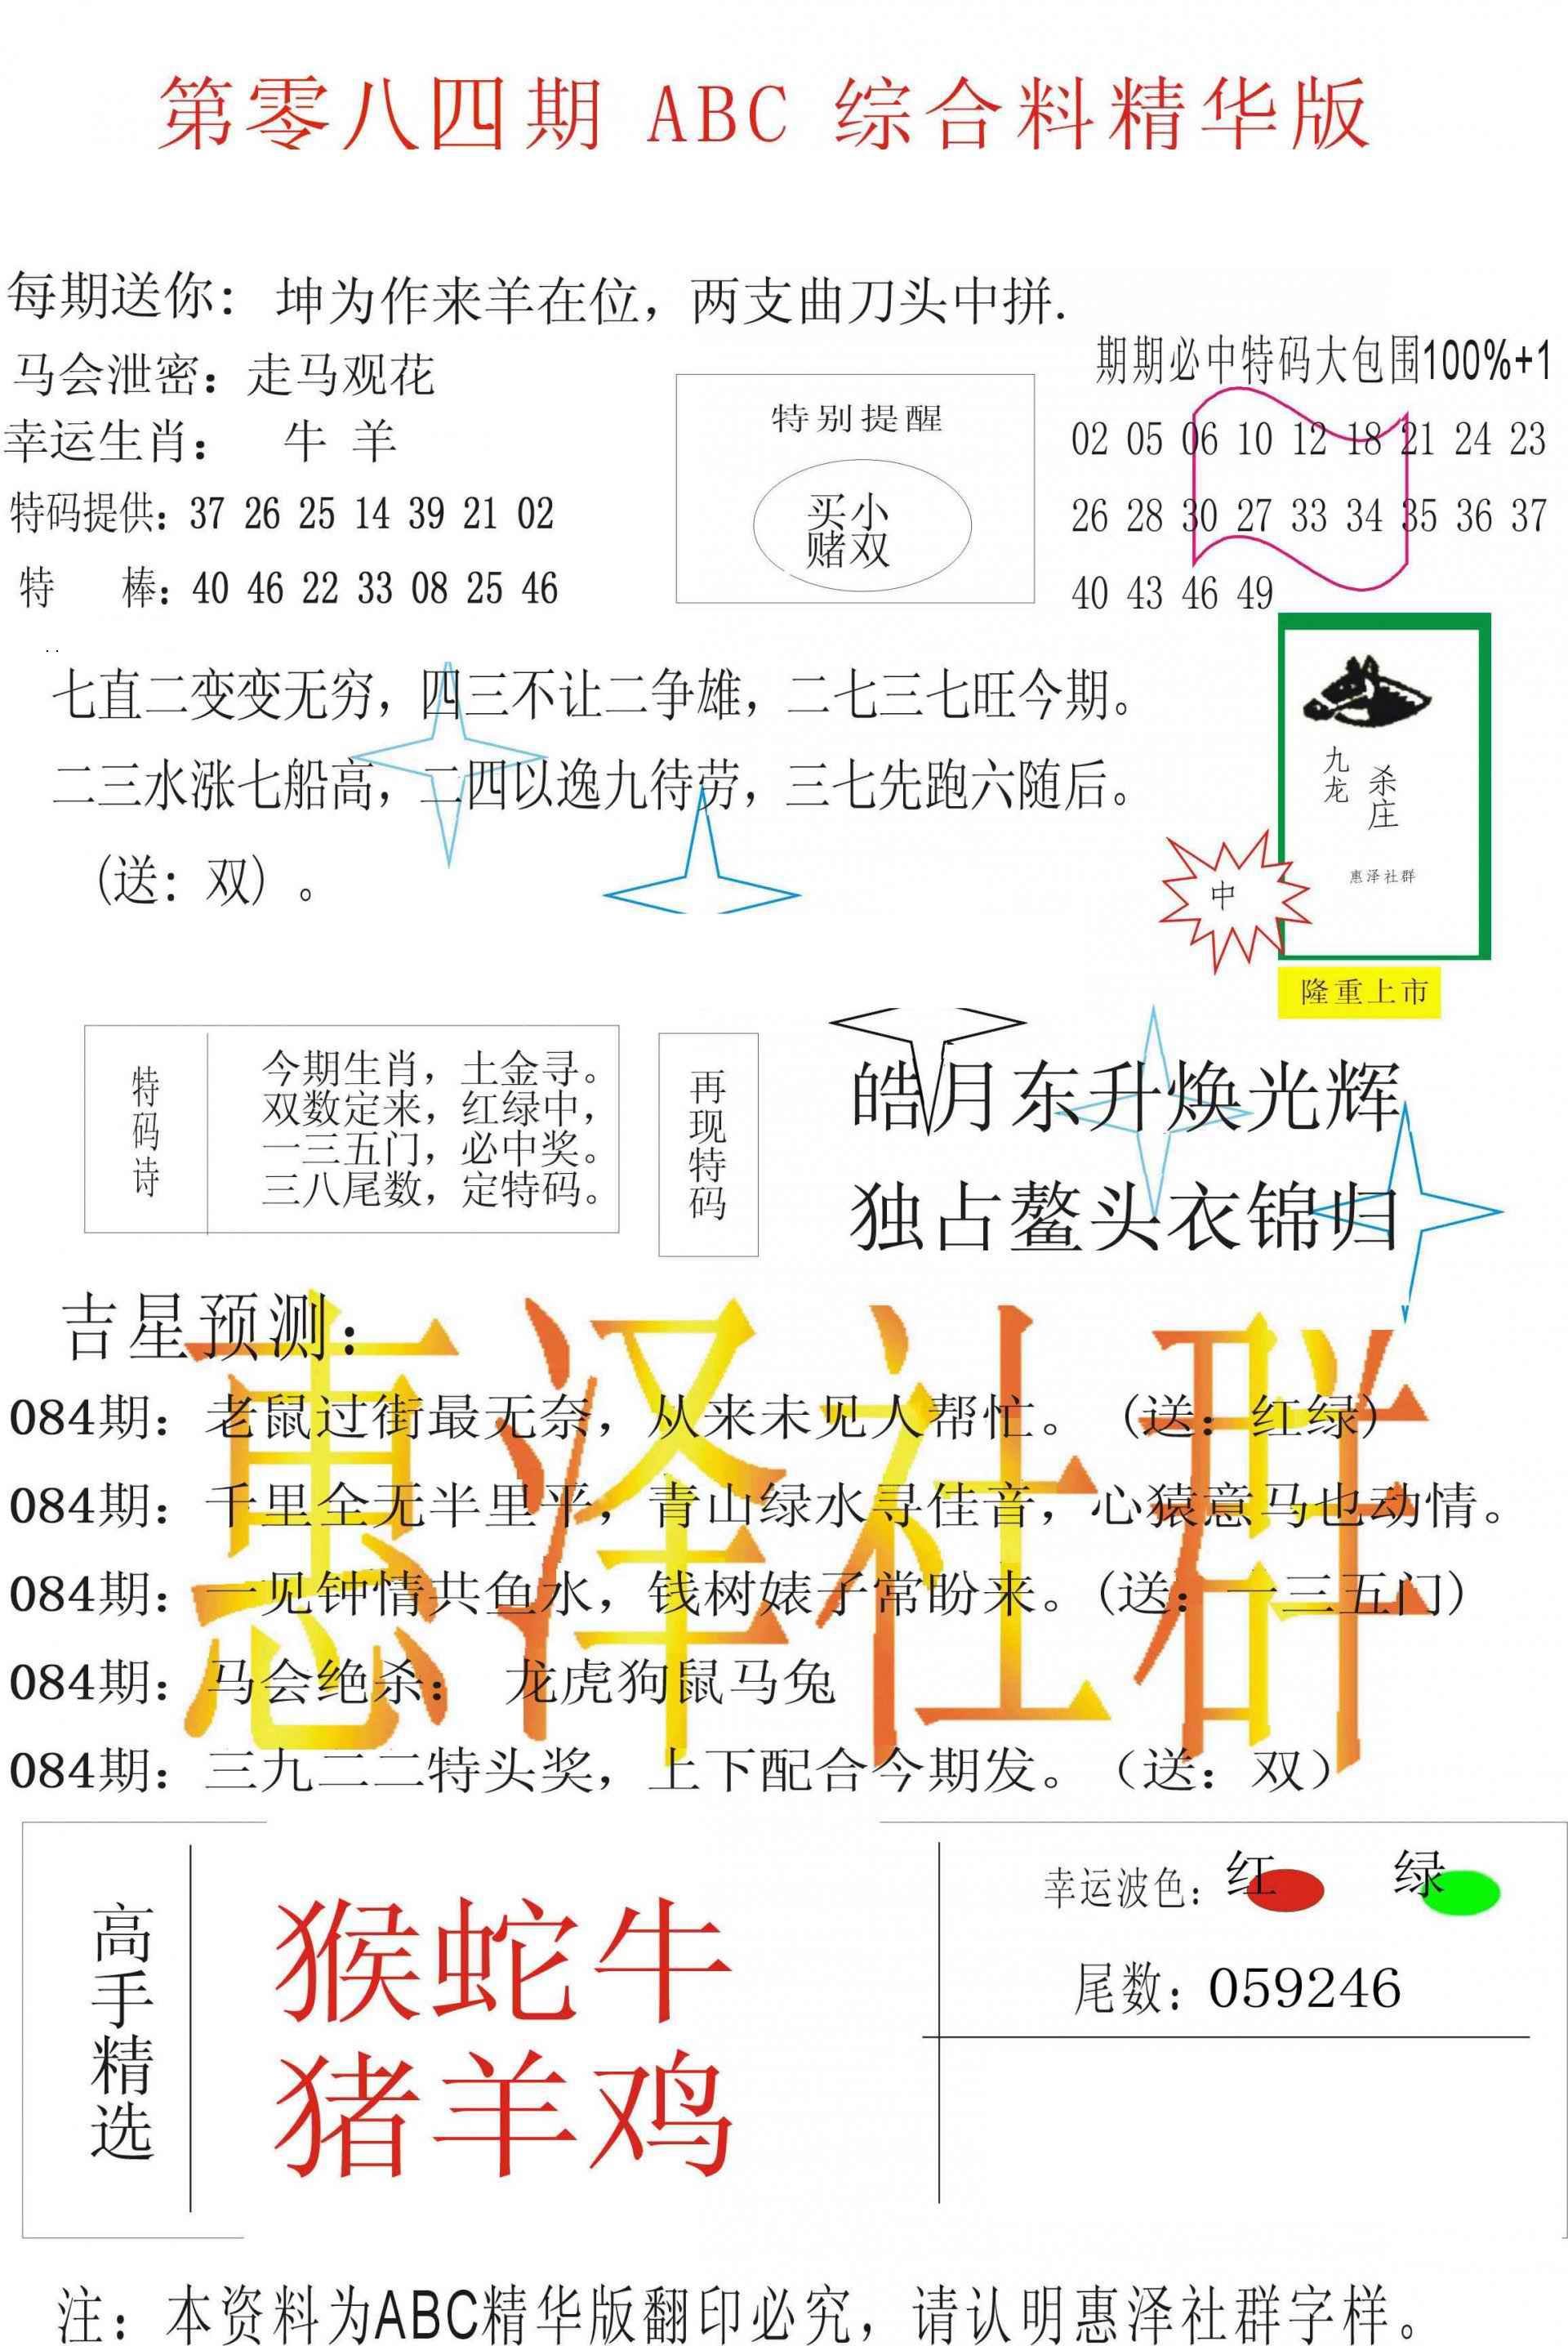 084期ABC综合正版资料